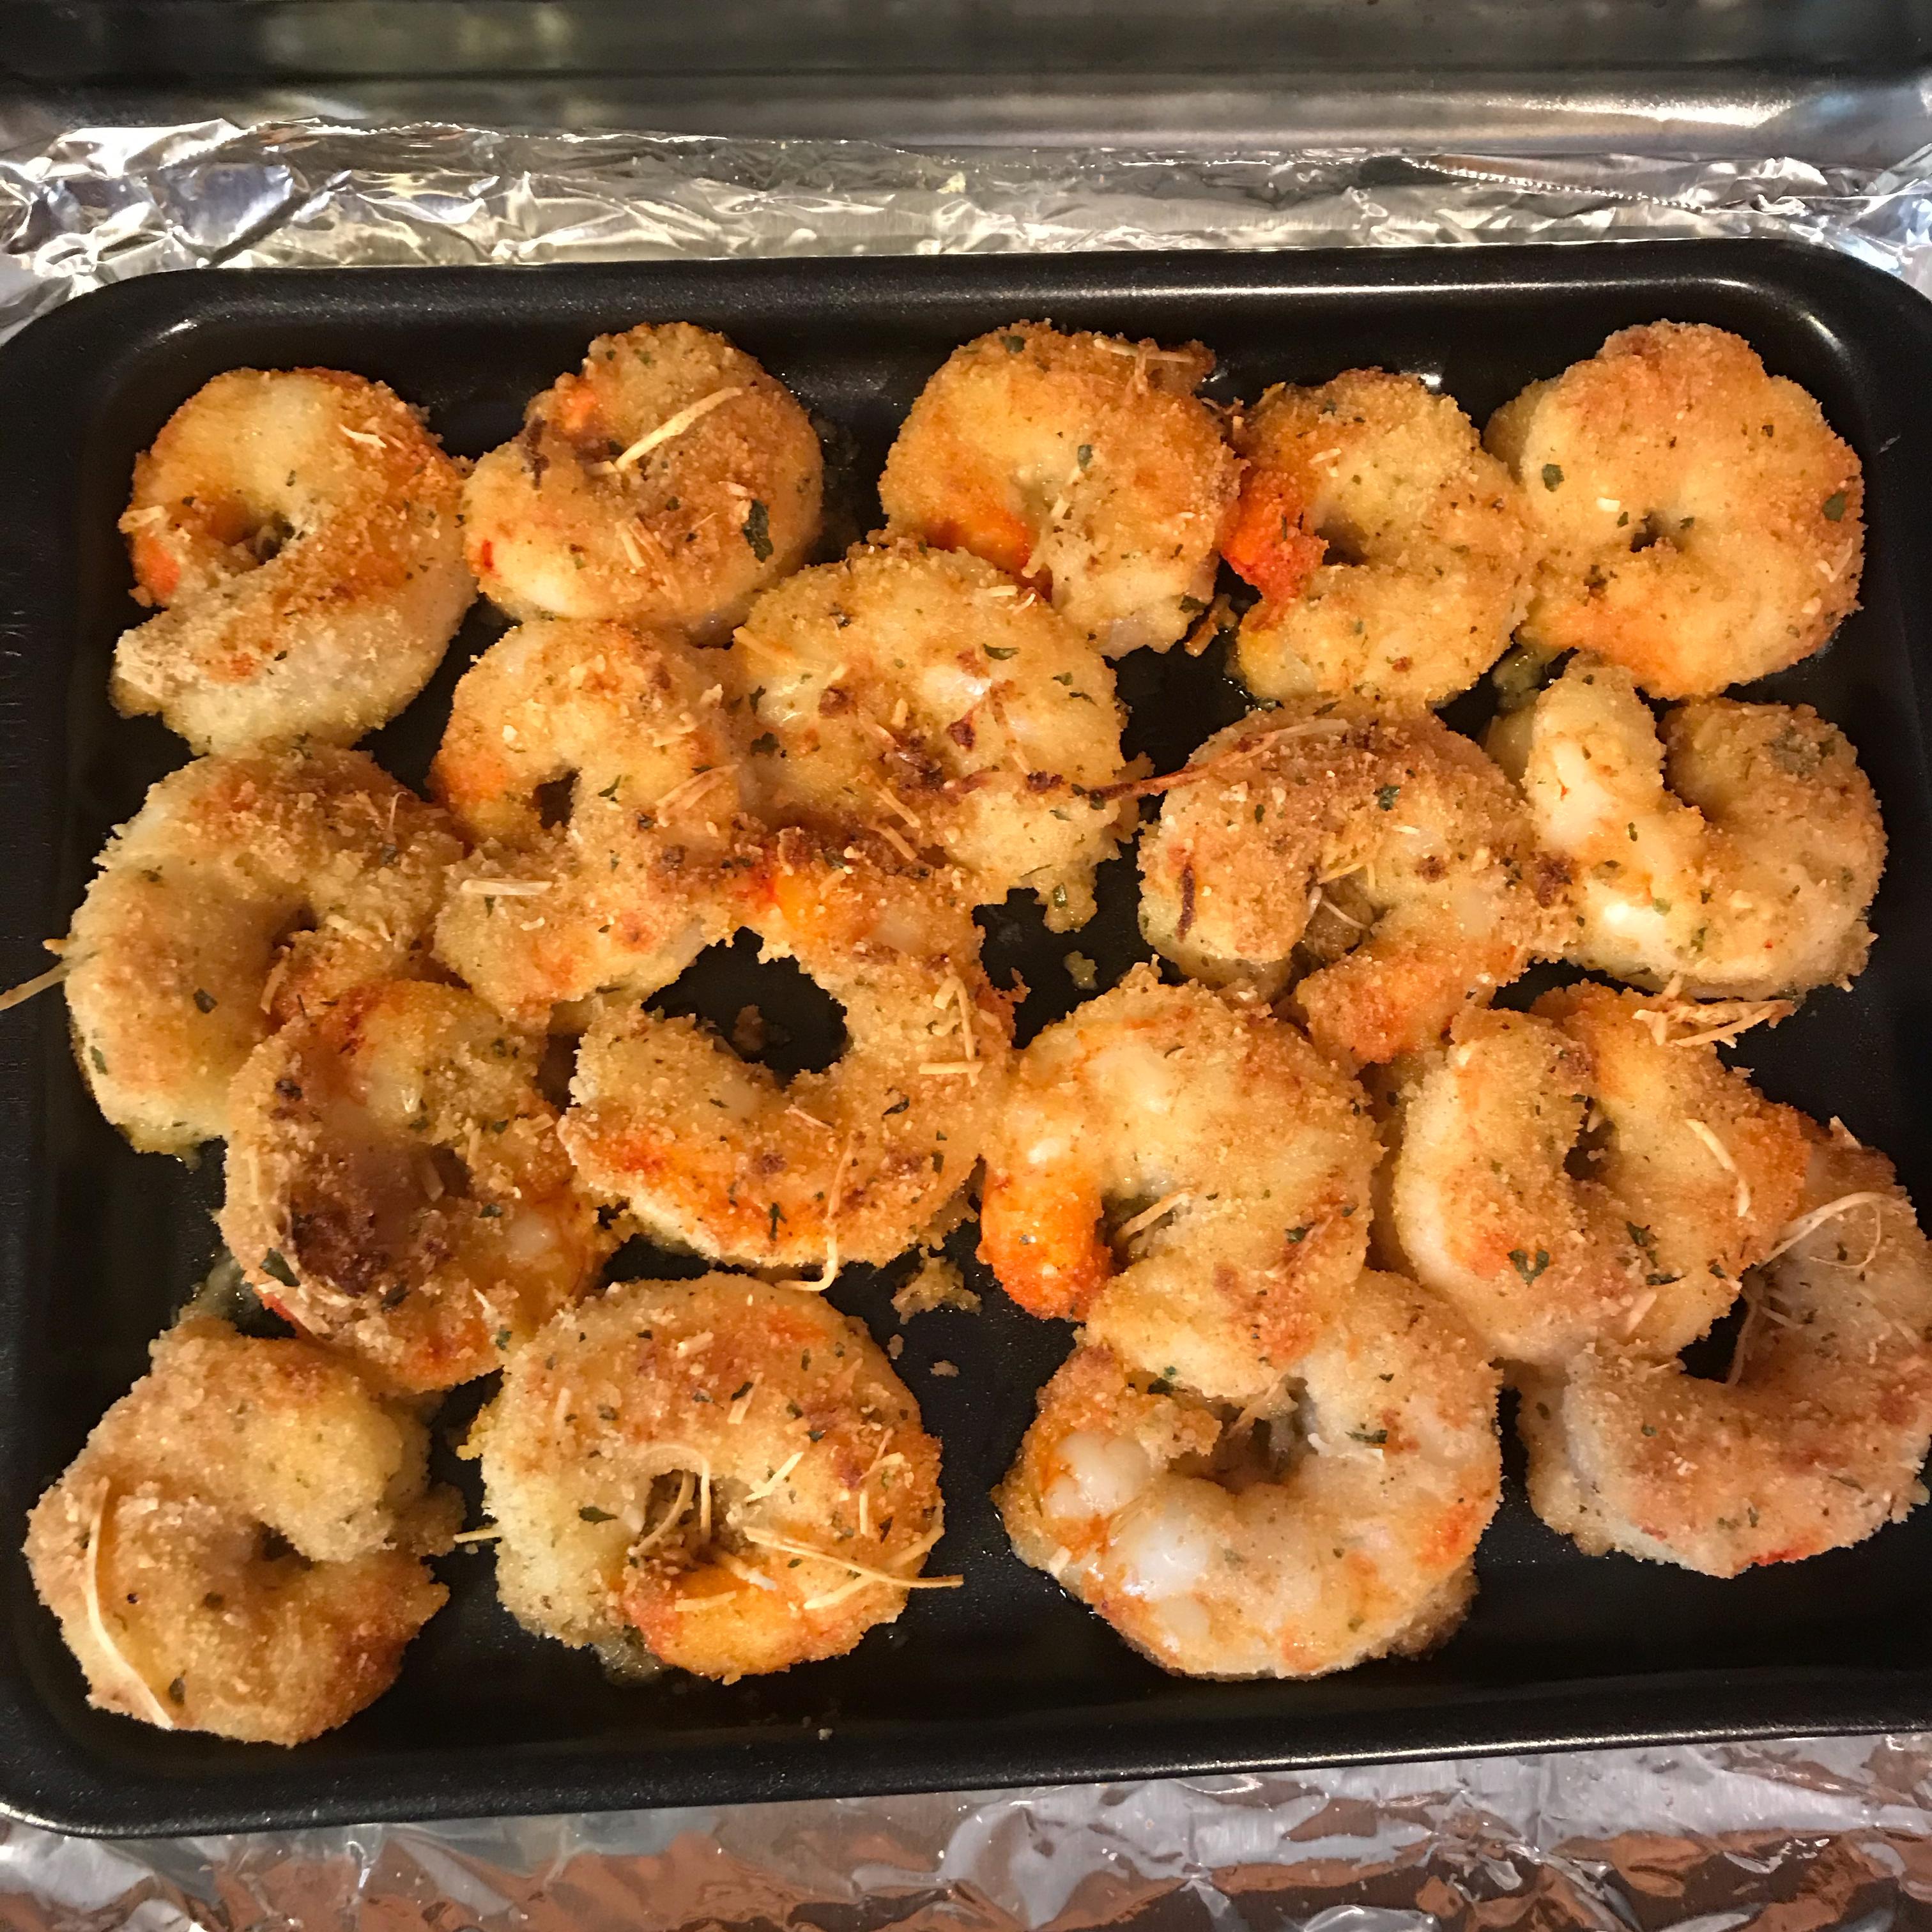 Garlic-Parmesan Shrimp cheryl